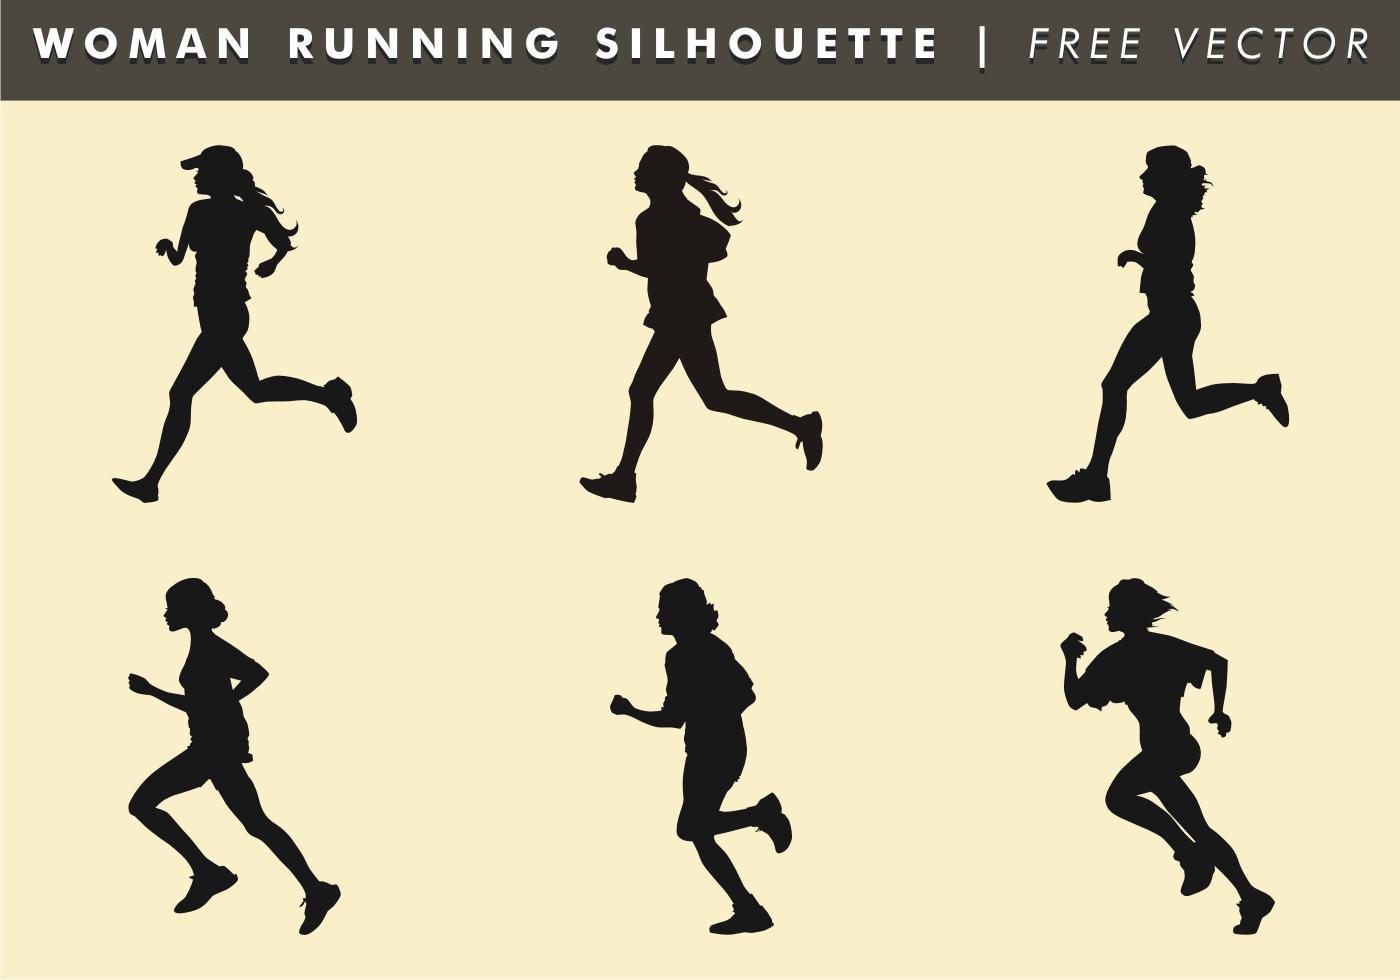 Woman Running Silhouette - Shutterstock